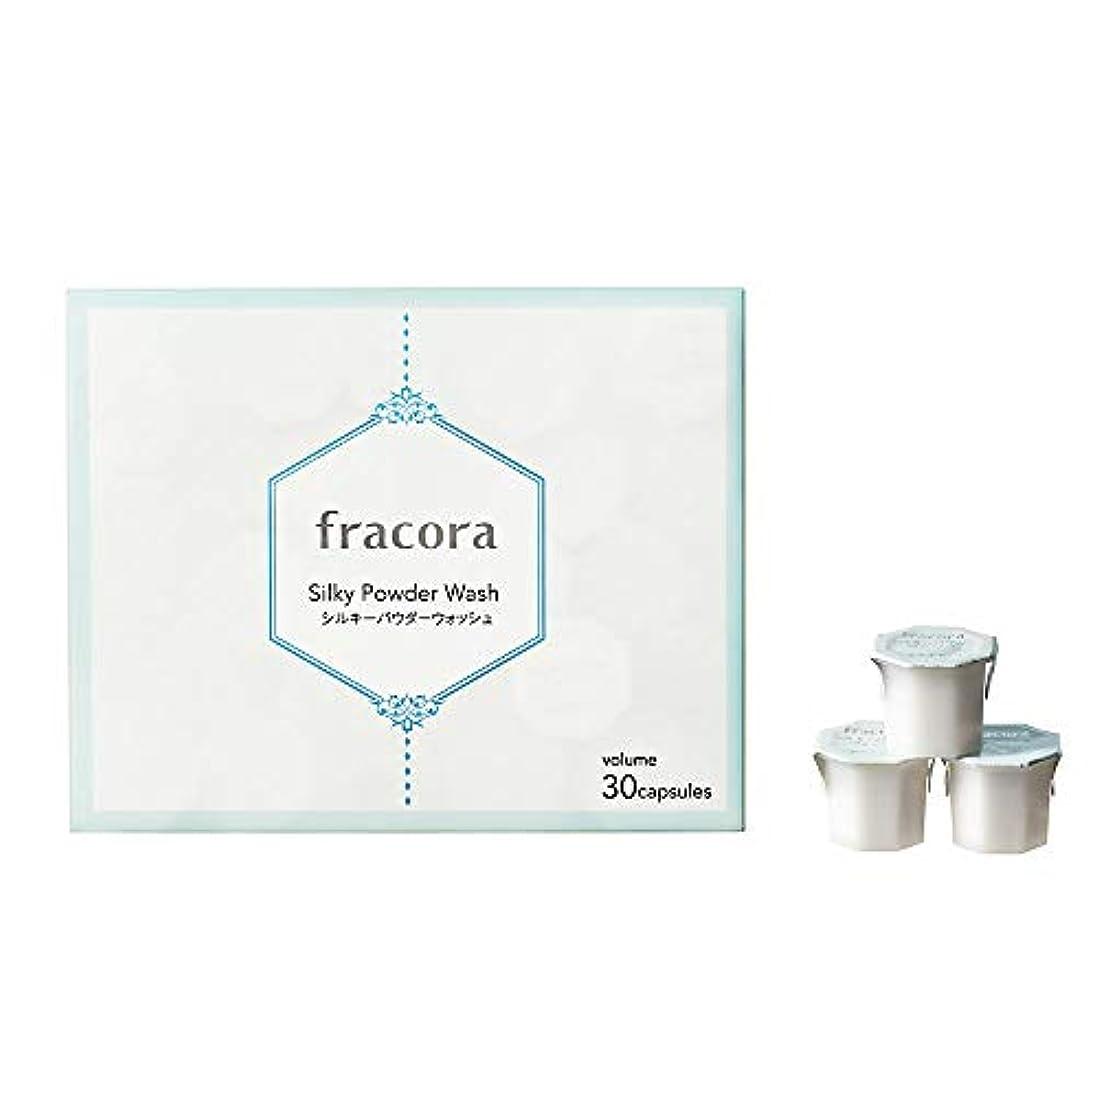 不利伝染性のレンダーfracora(フラコラ) 酵素洗顔 シルキーパウダーウォッシュ 30カプセル入